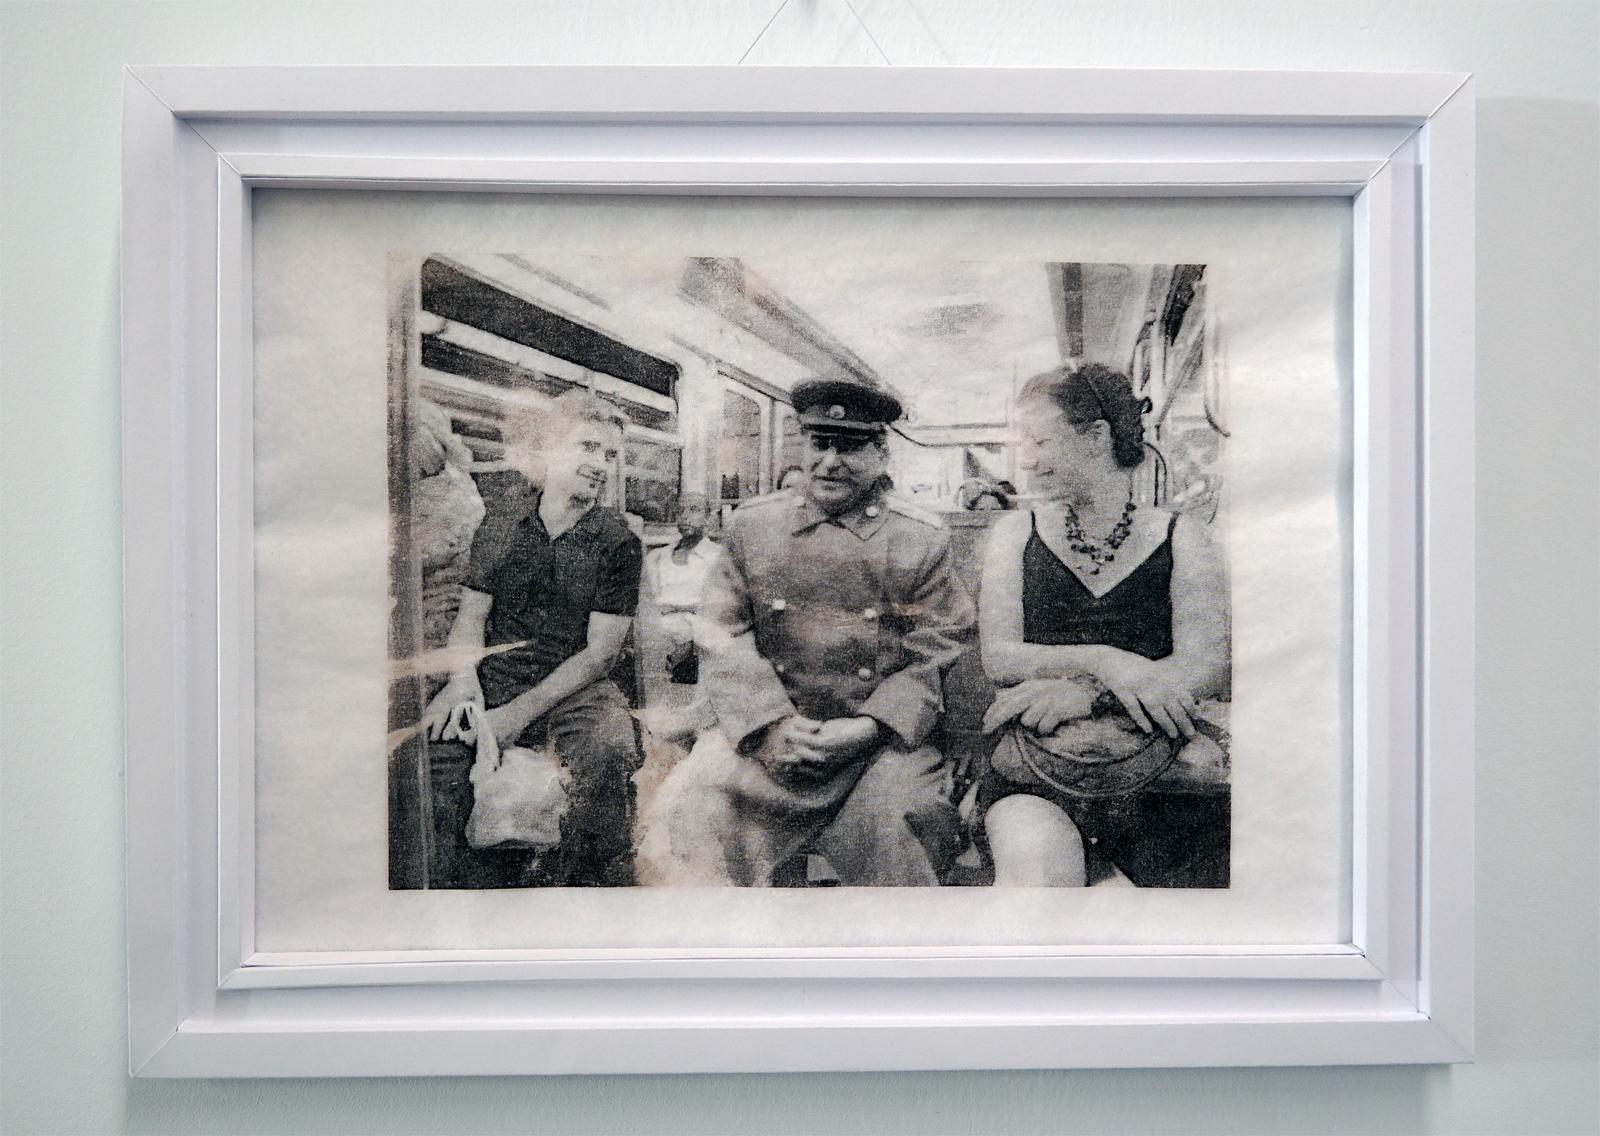 Yassine Boussaadoun Staline série Les Dictateurs dans le métro 2013 transfert sur papier oeuvre sélection 61e salon de montrouge 2016 art